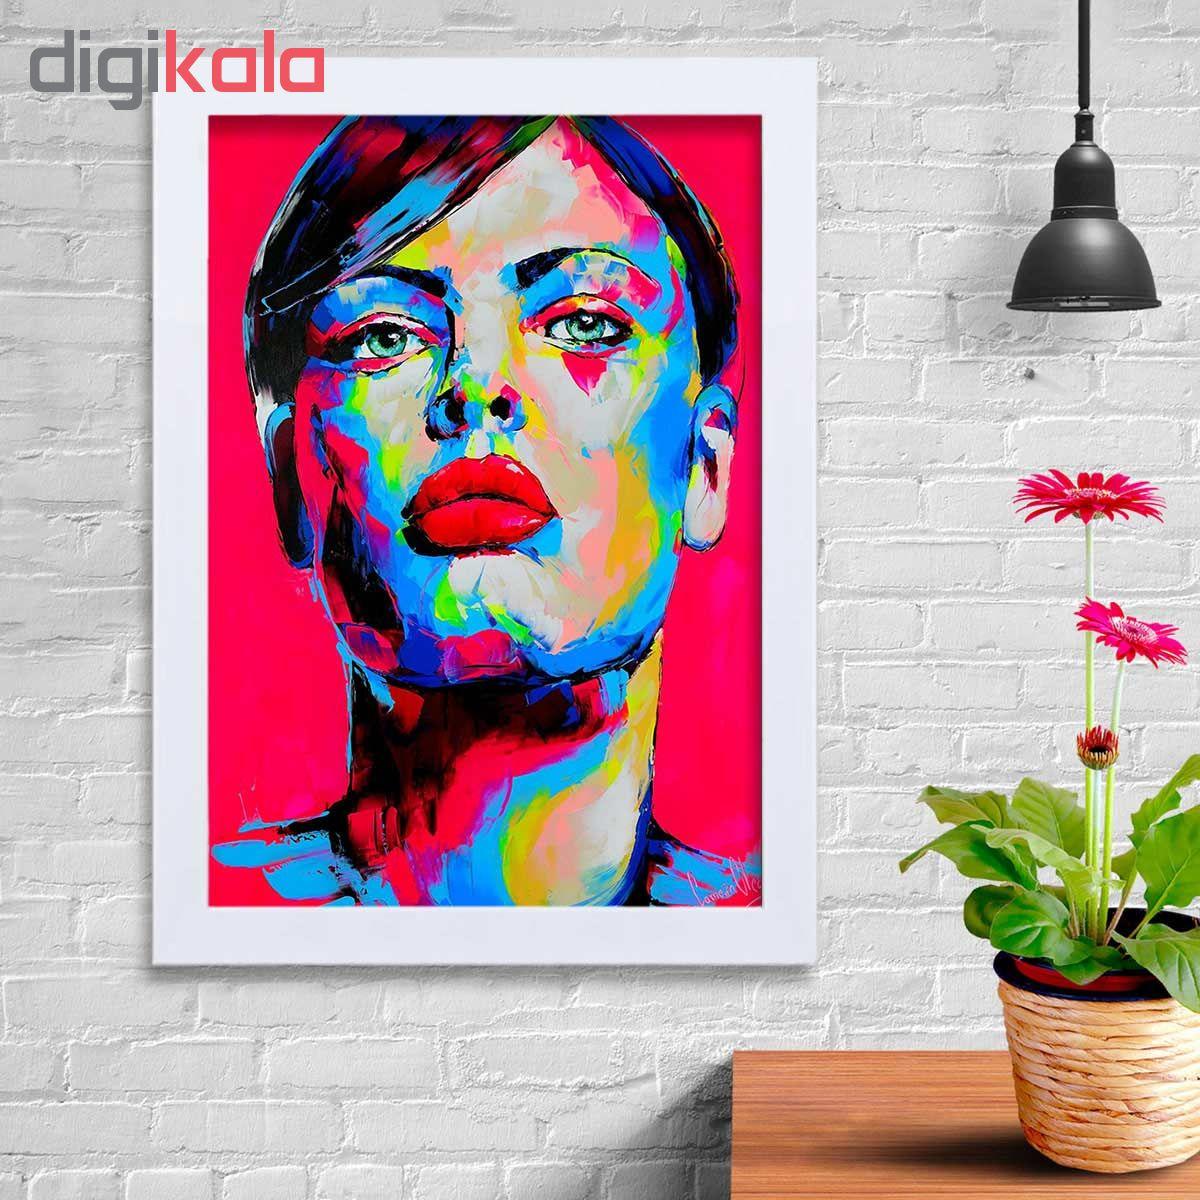 تابلو   گالری استاربوی طرح دخترانه مدل هنری KL90